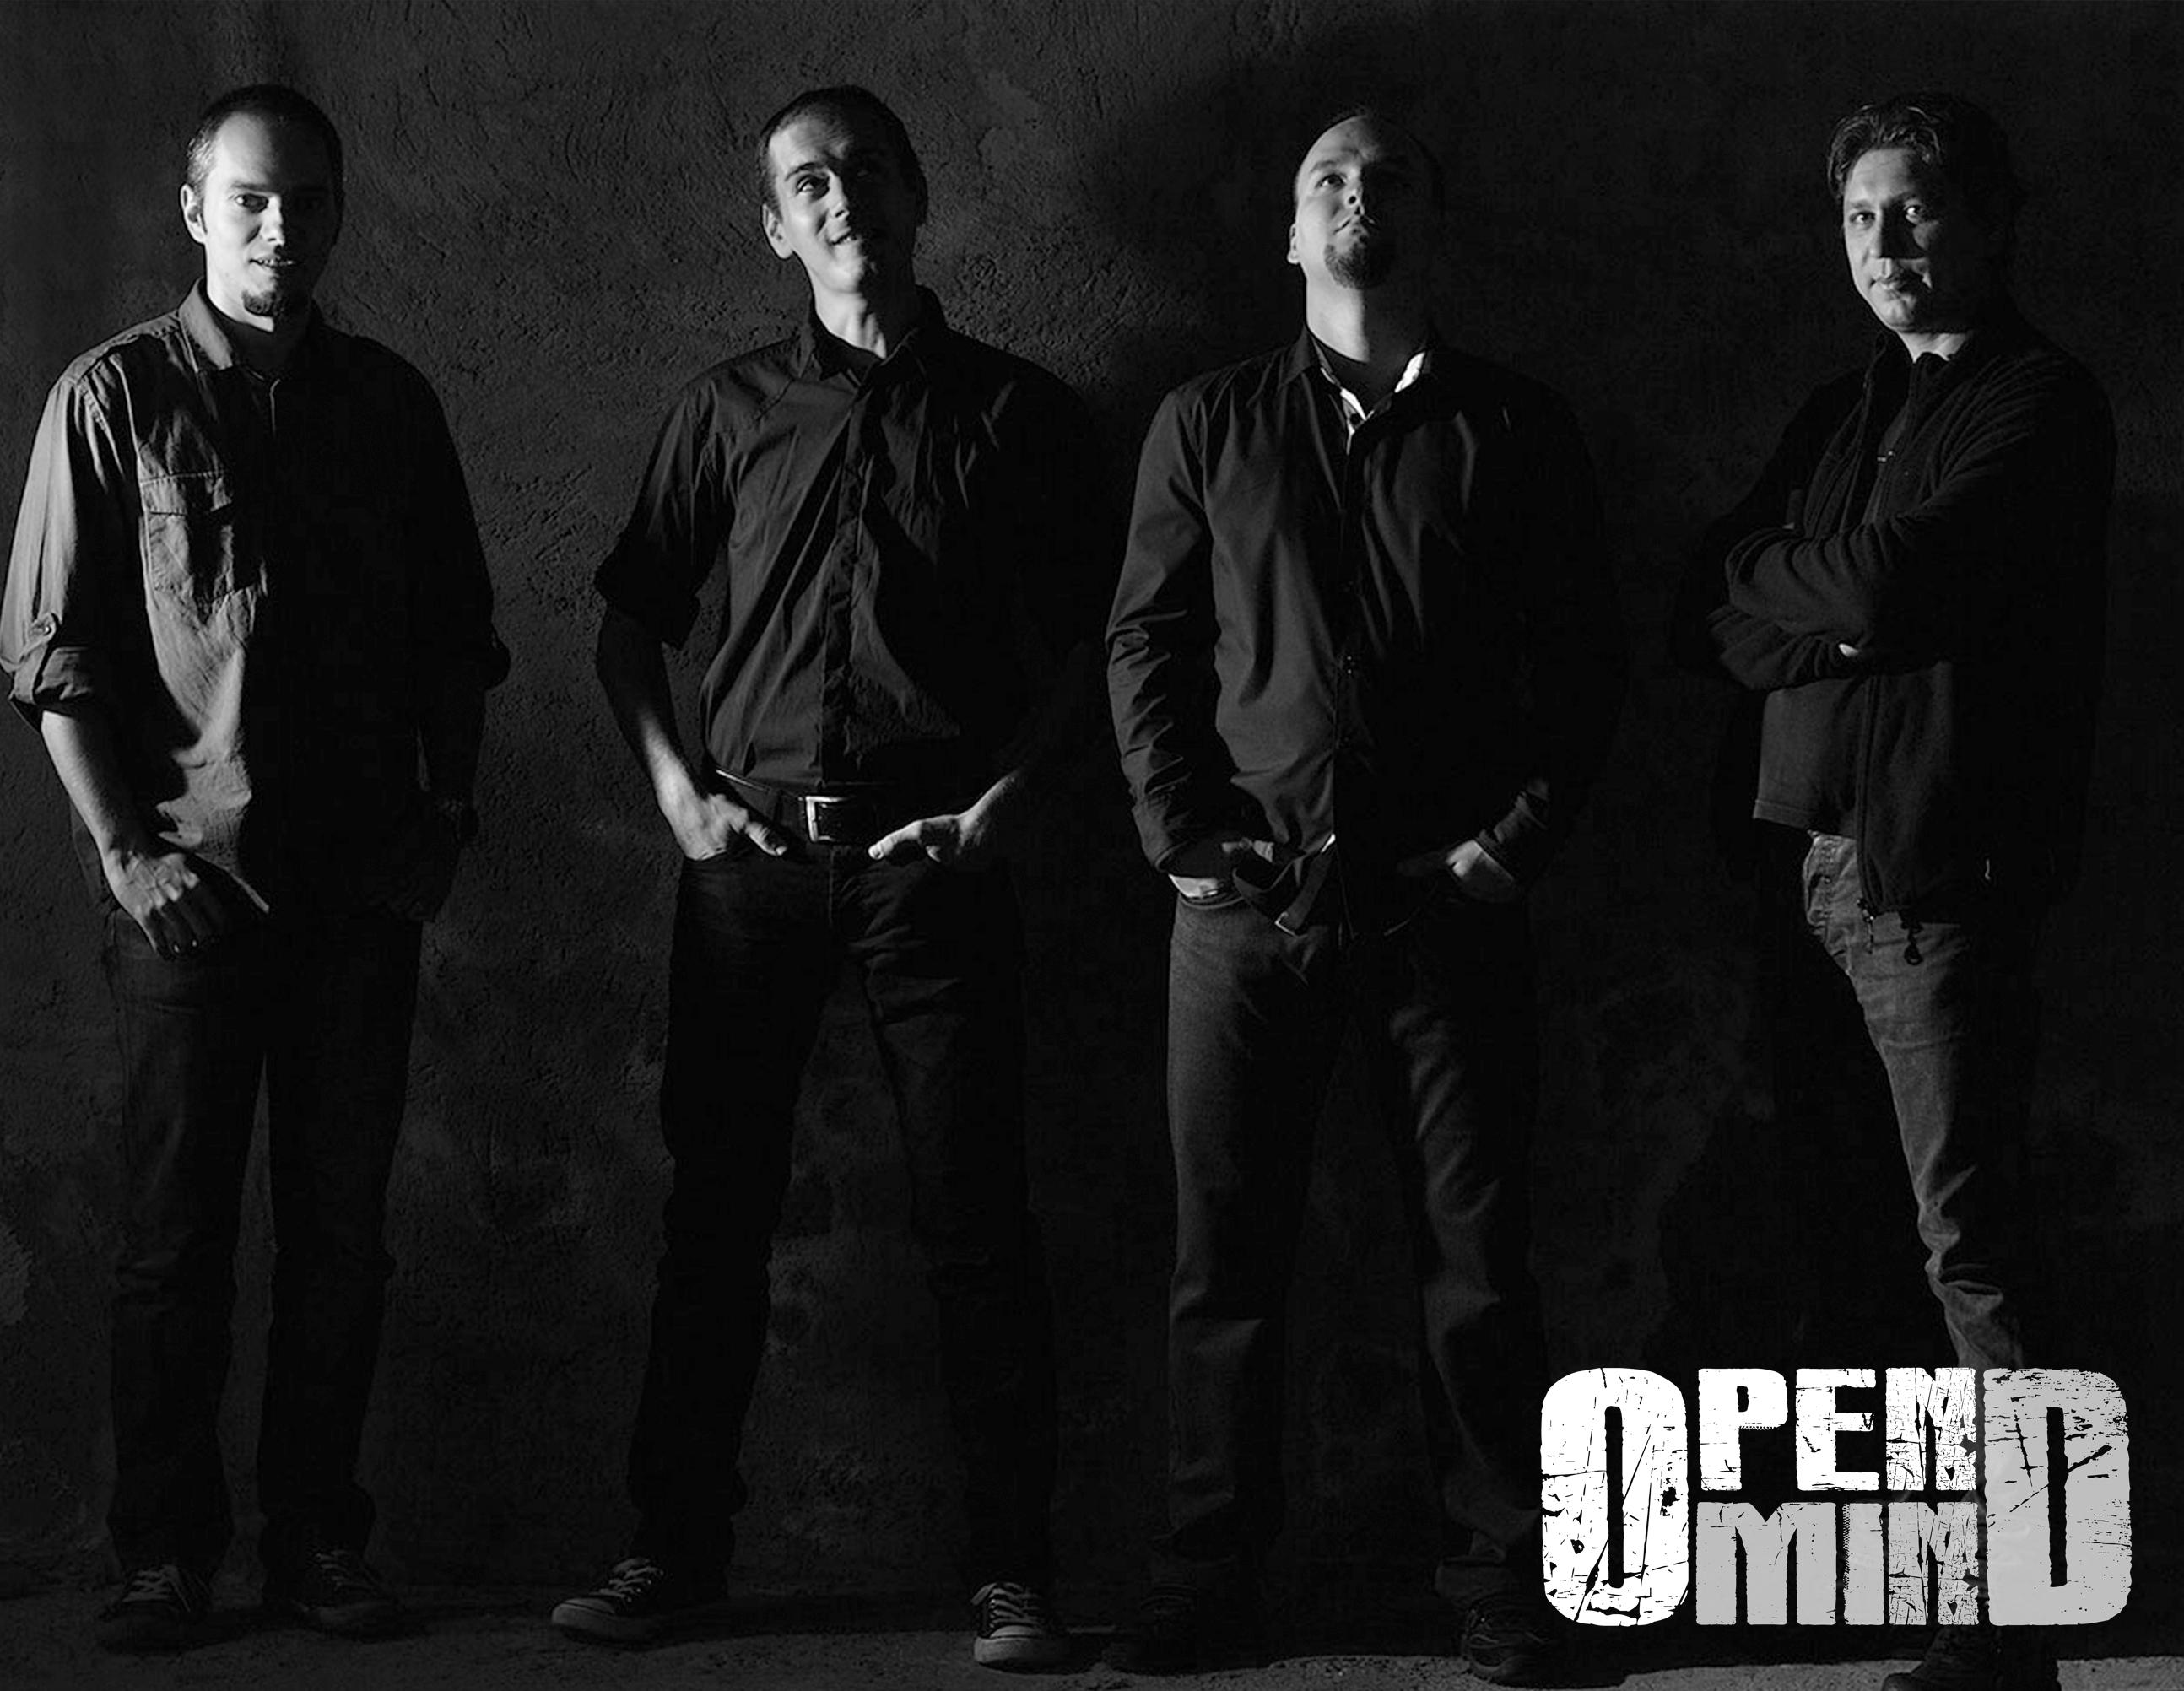 Rock progresiv romanesc de calitate. Primul concert al trupei OpenMind: 22 octombrie 2013, Club A